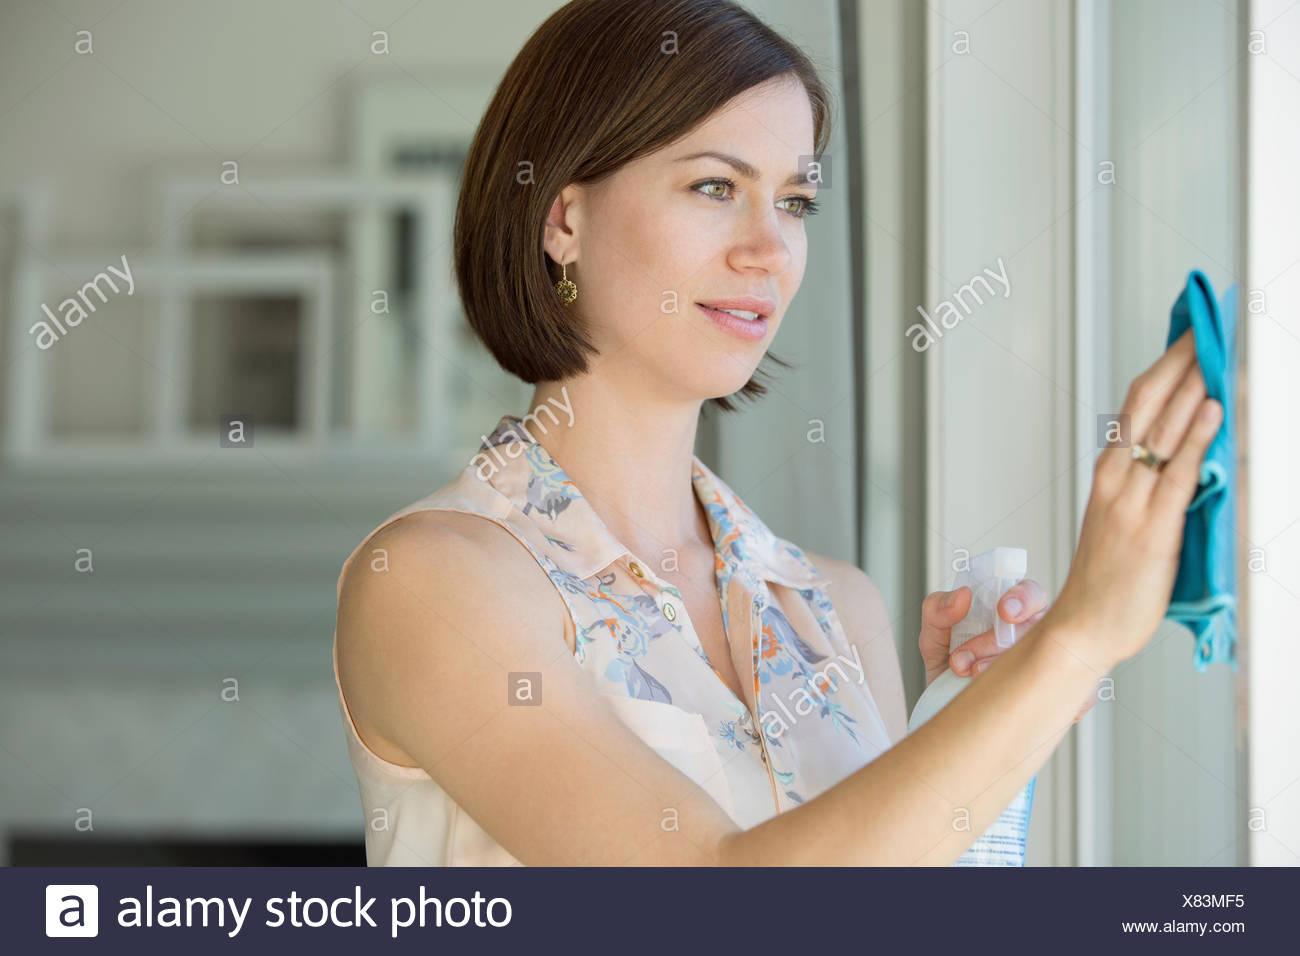 Frau mit Spray Reiniger auf weißen Wänden. Stockbild